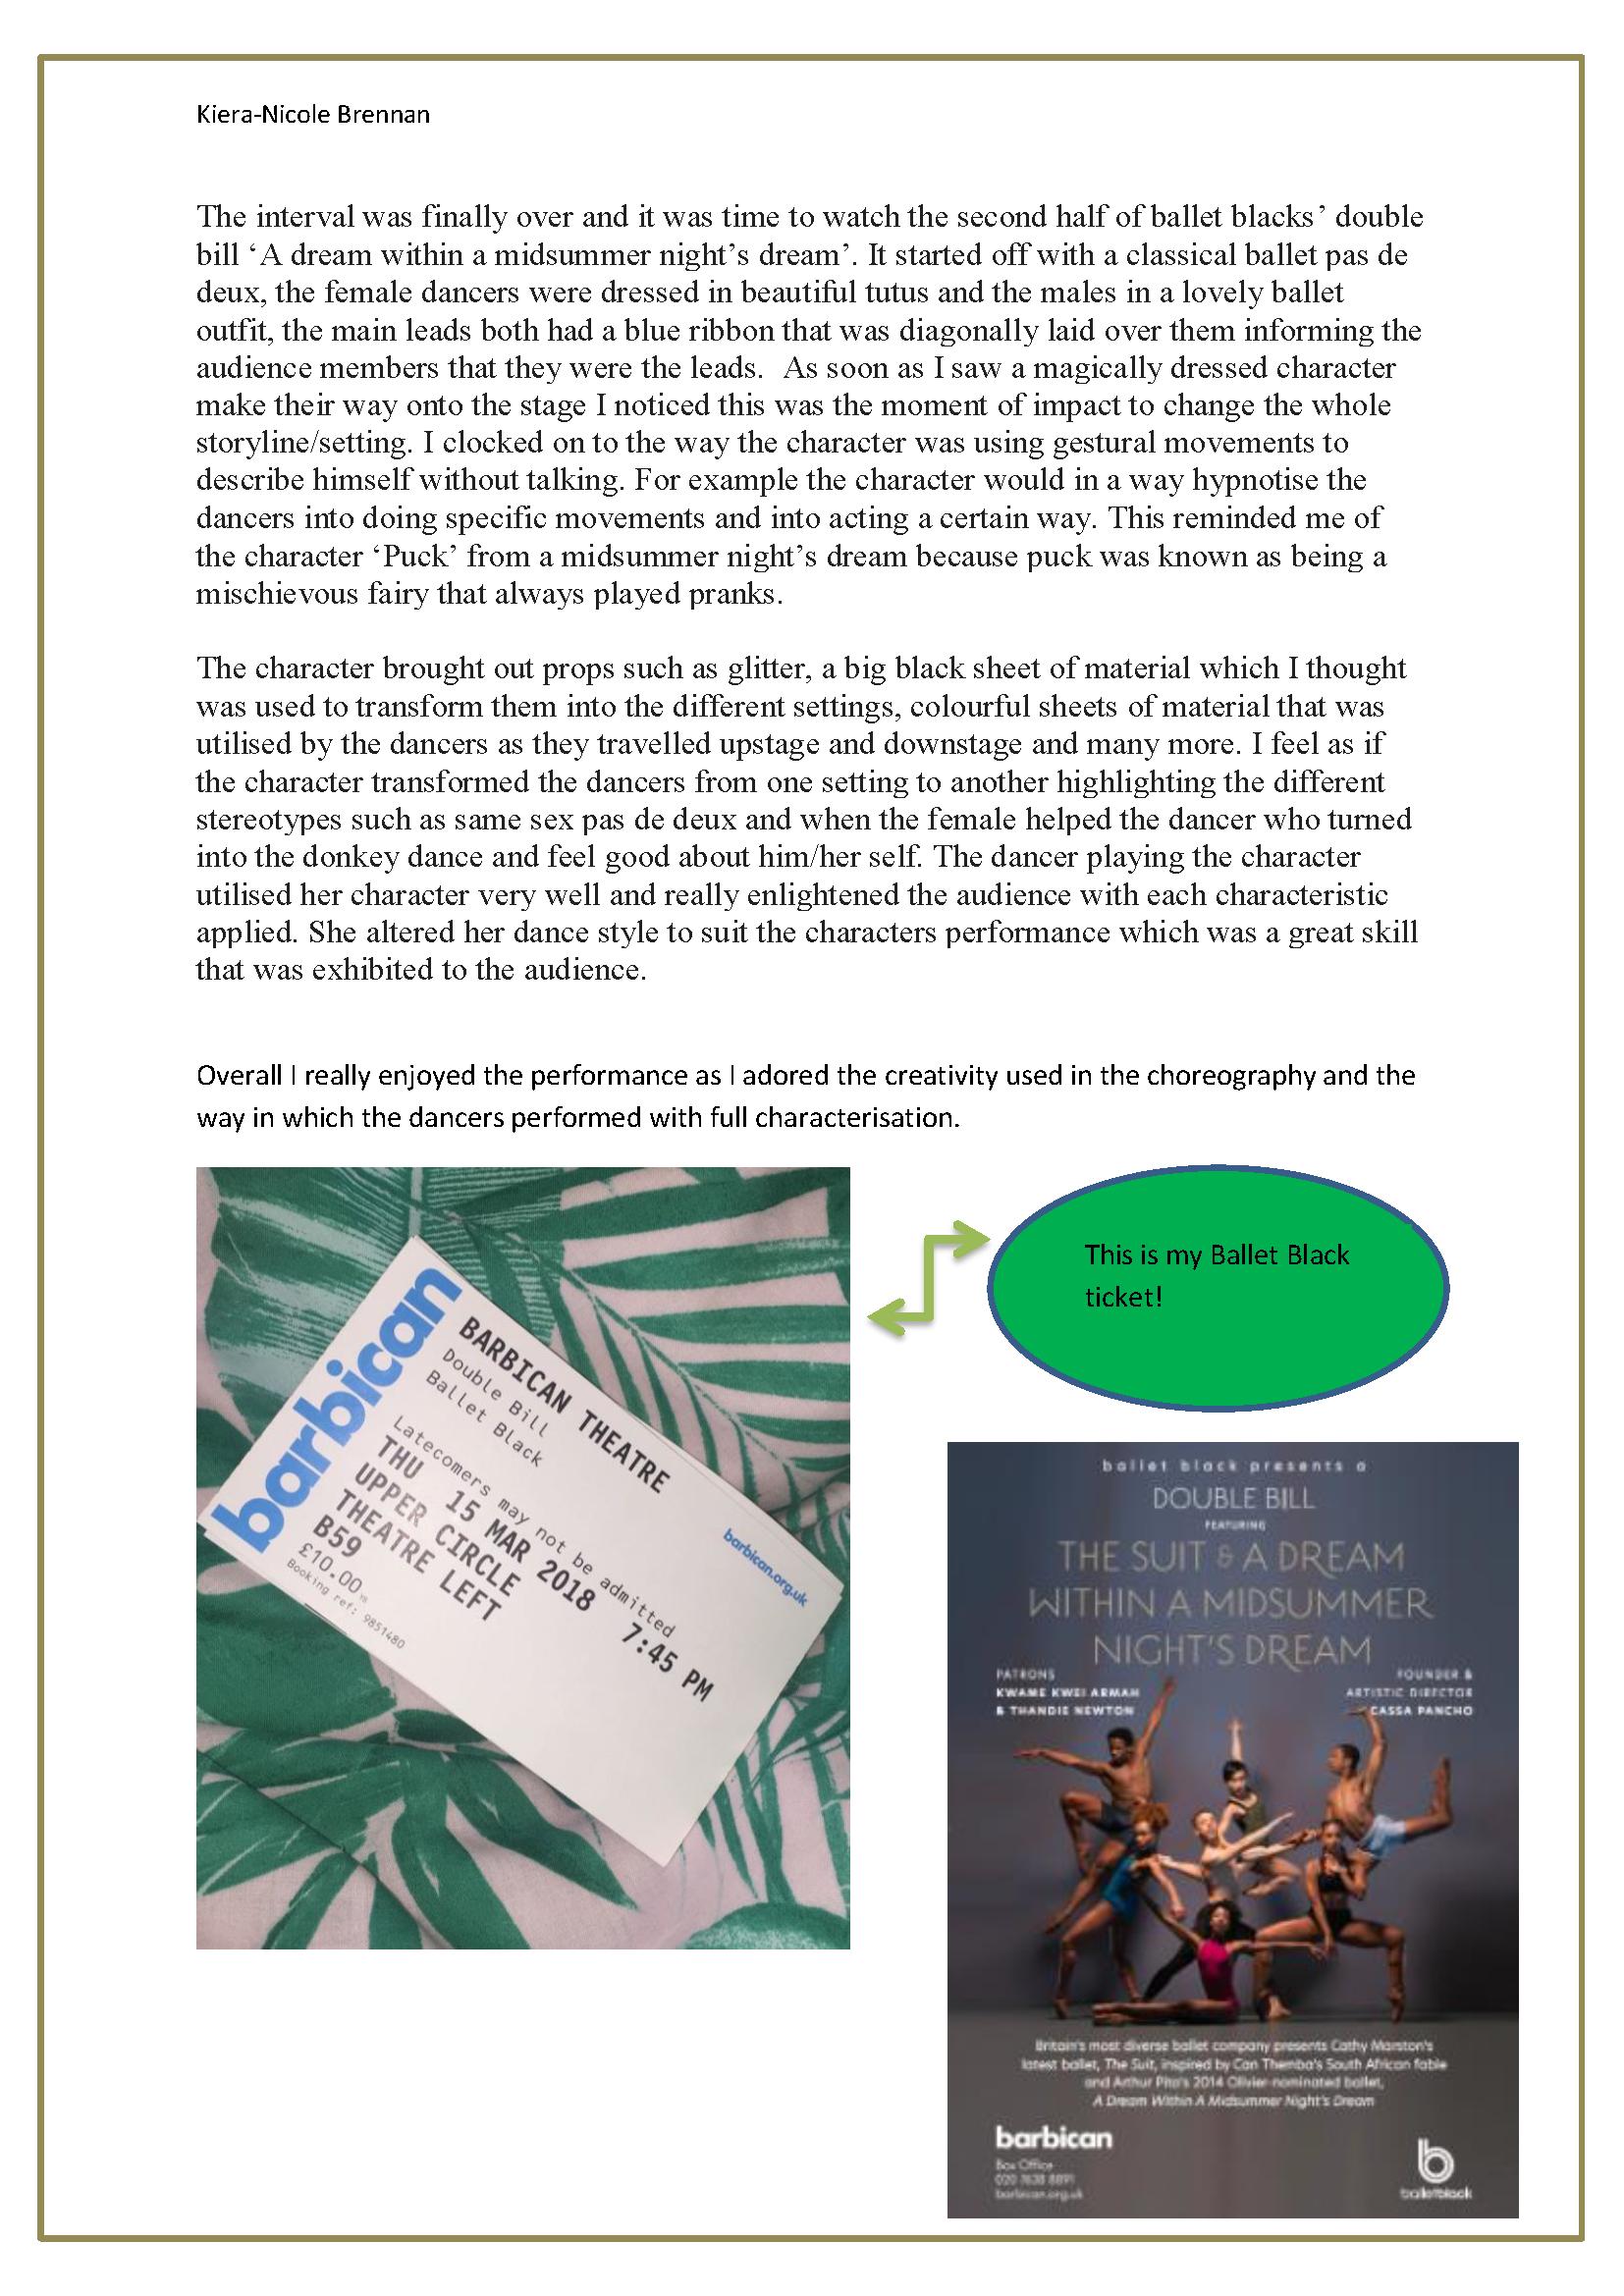 Ballet Black Review - Kiera Brennan_Page_2.png